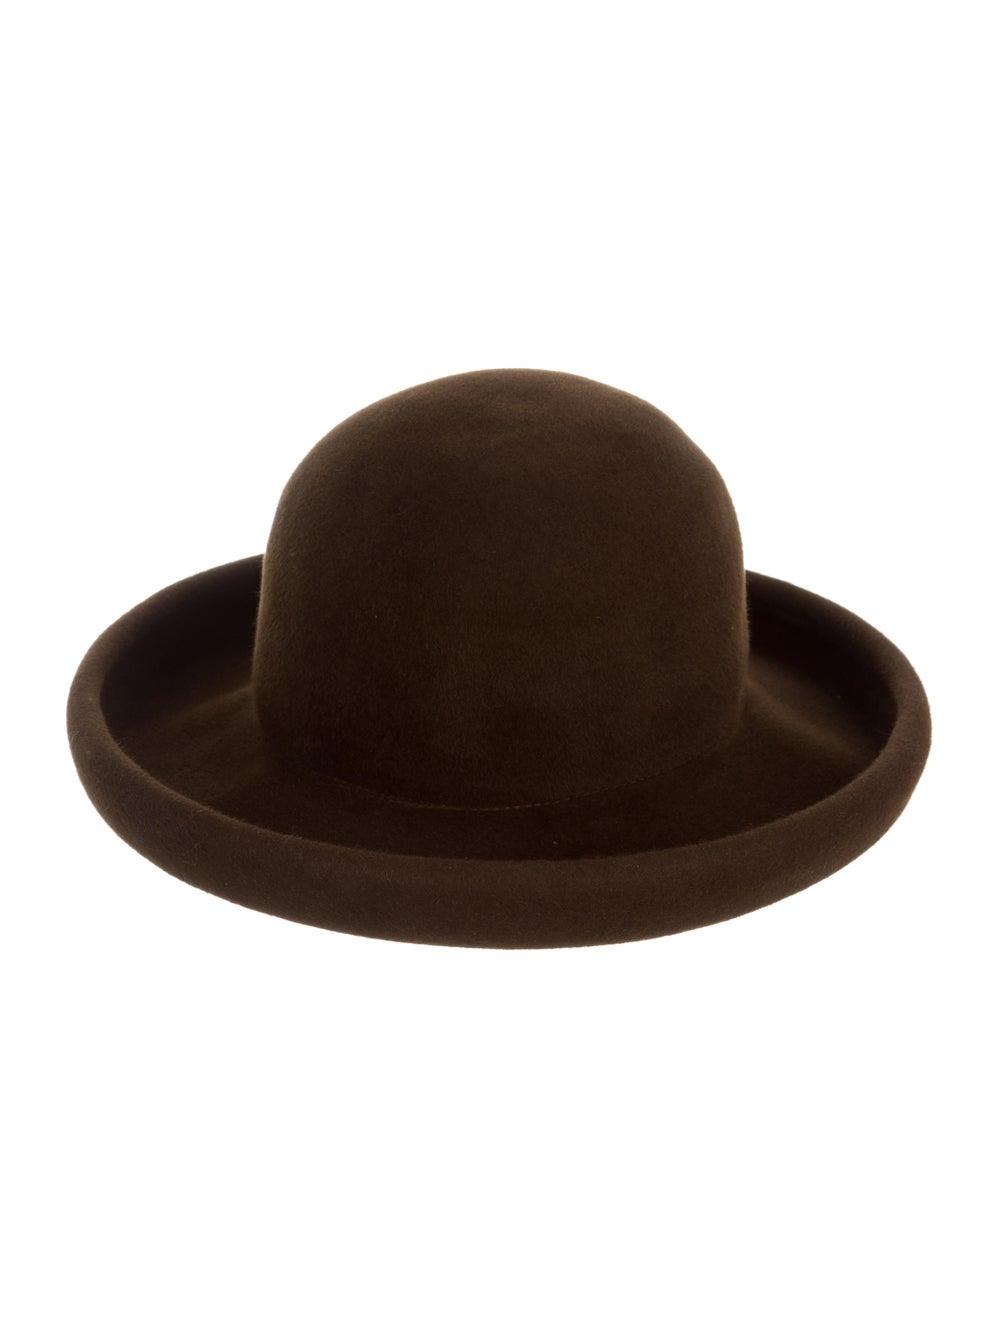 Eric Javits Suede Wide-Brim Hat brown - image 2